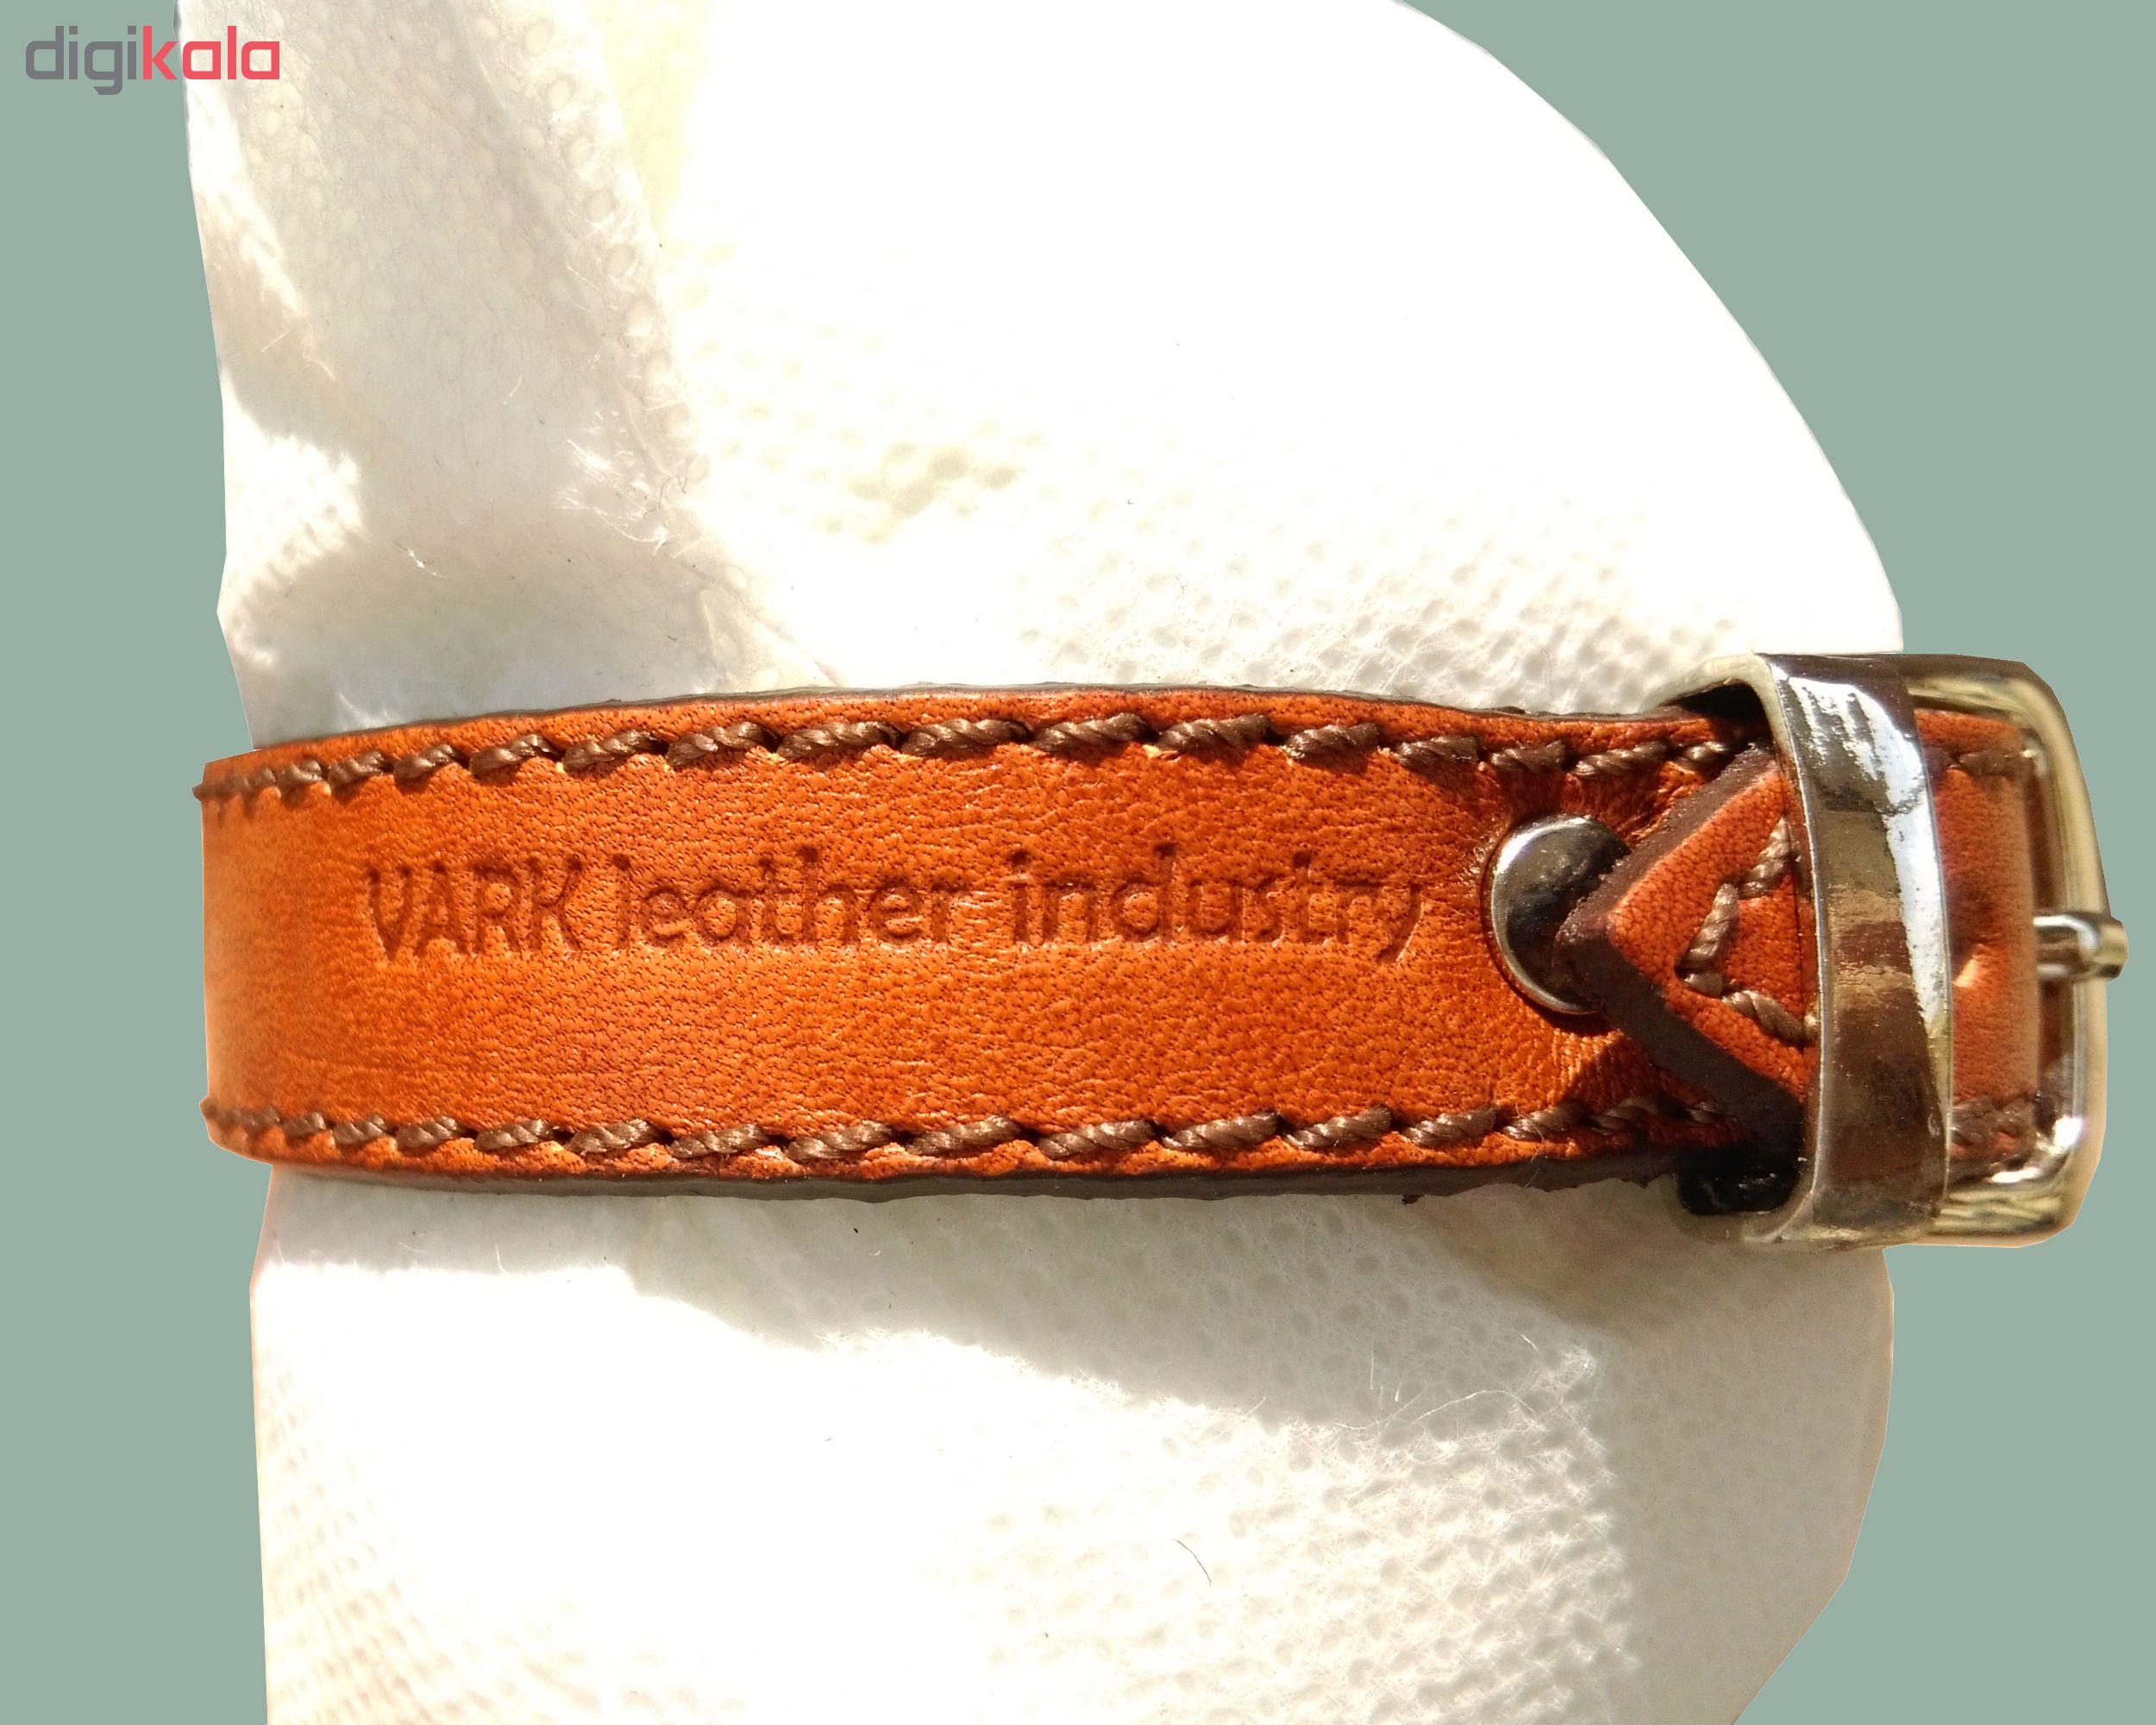 دستبند چرم وارک مدل پرهام کد rb38 main 1 28